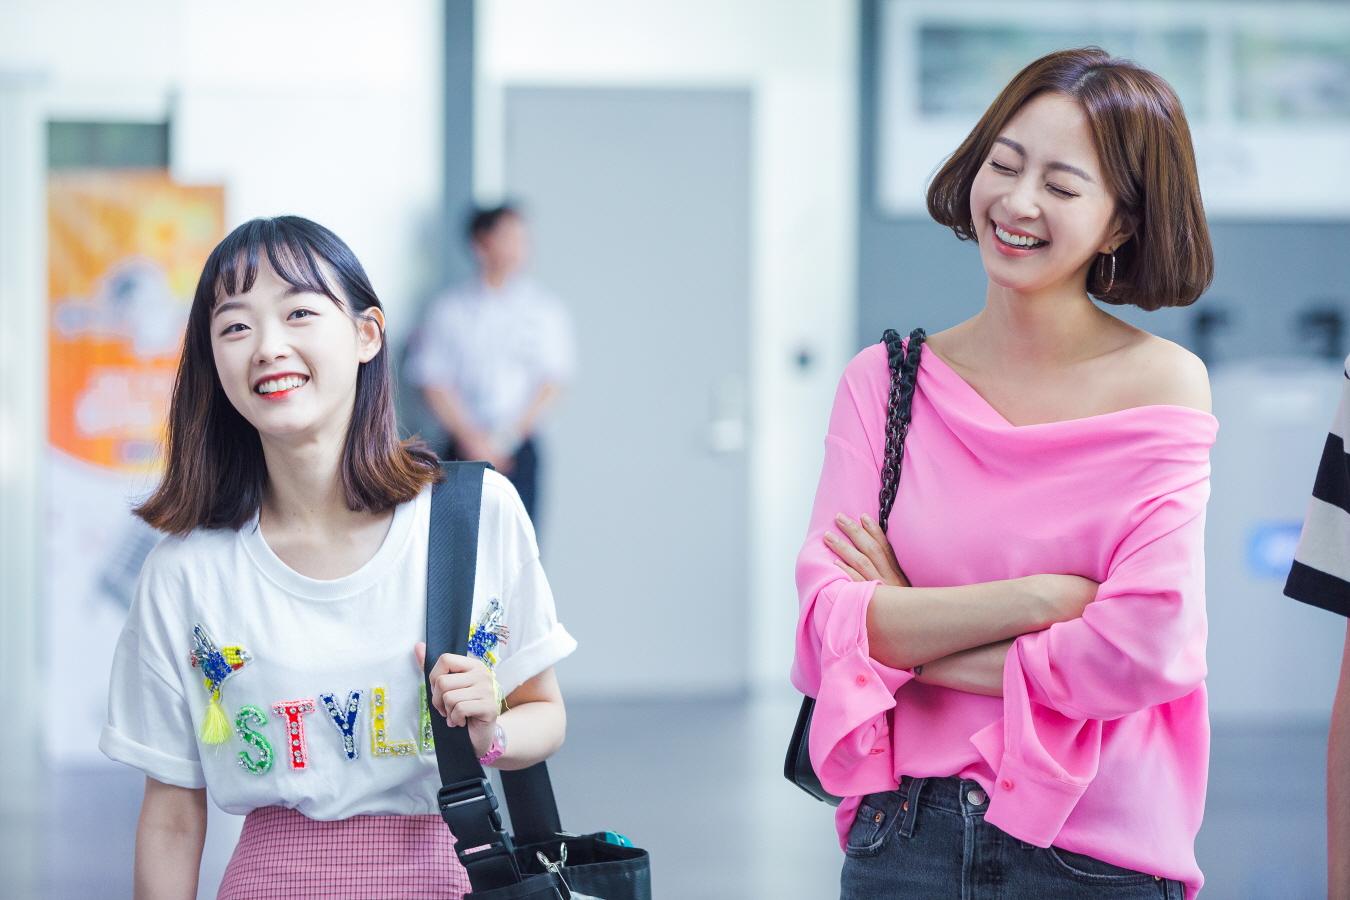 2 phim tình cảm Hàn mới lên sóng: Tưởng không hay mà hay không tưởng! - Ảnh 4.